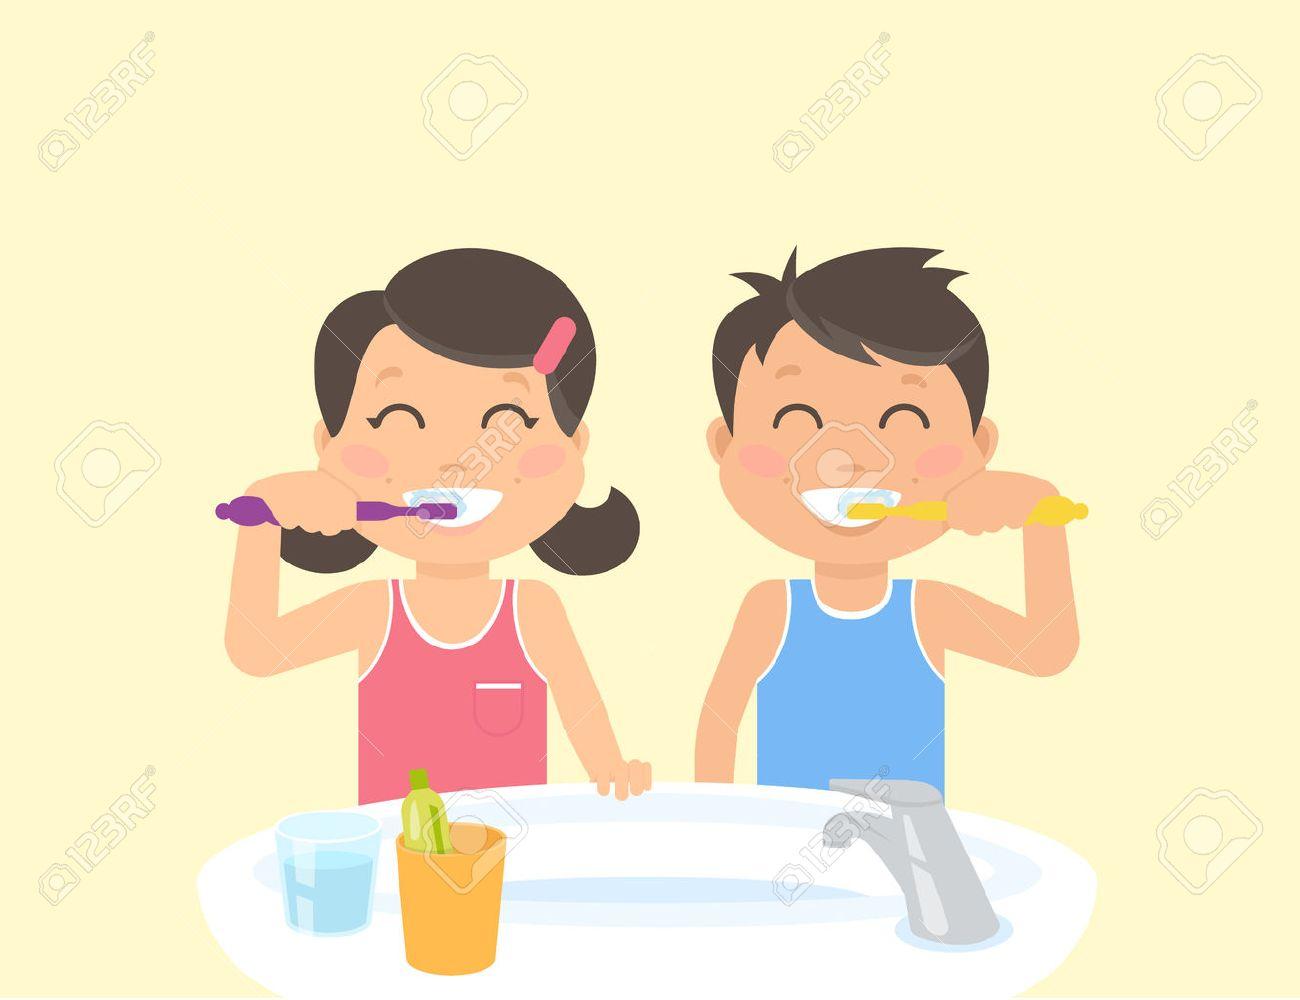 Happy kids brushing teeth standing in the bathroom near sink.